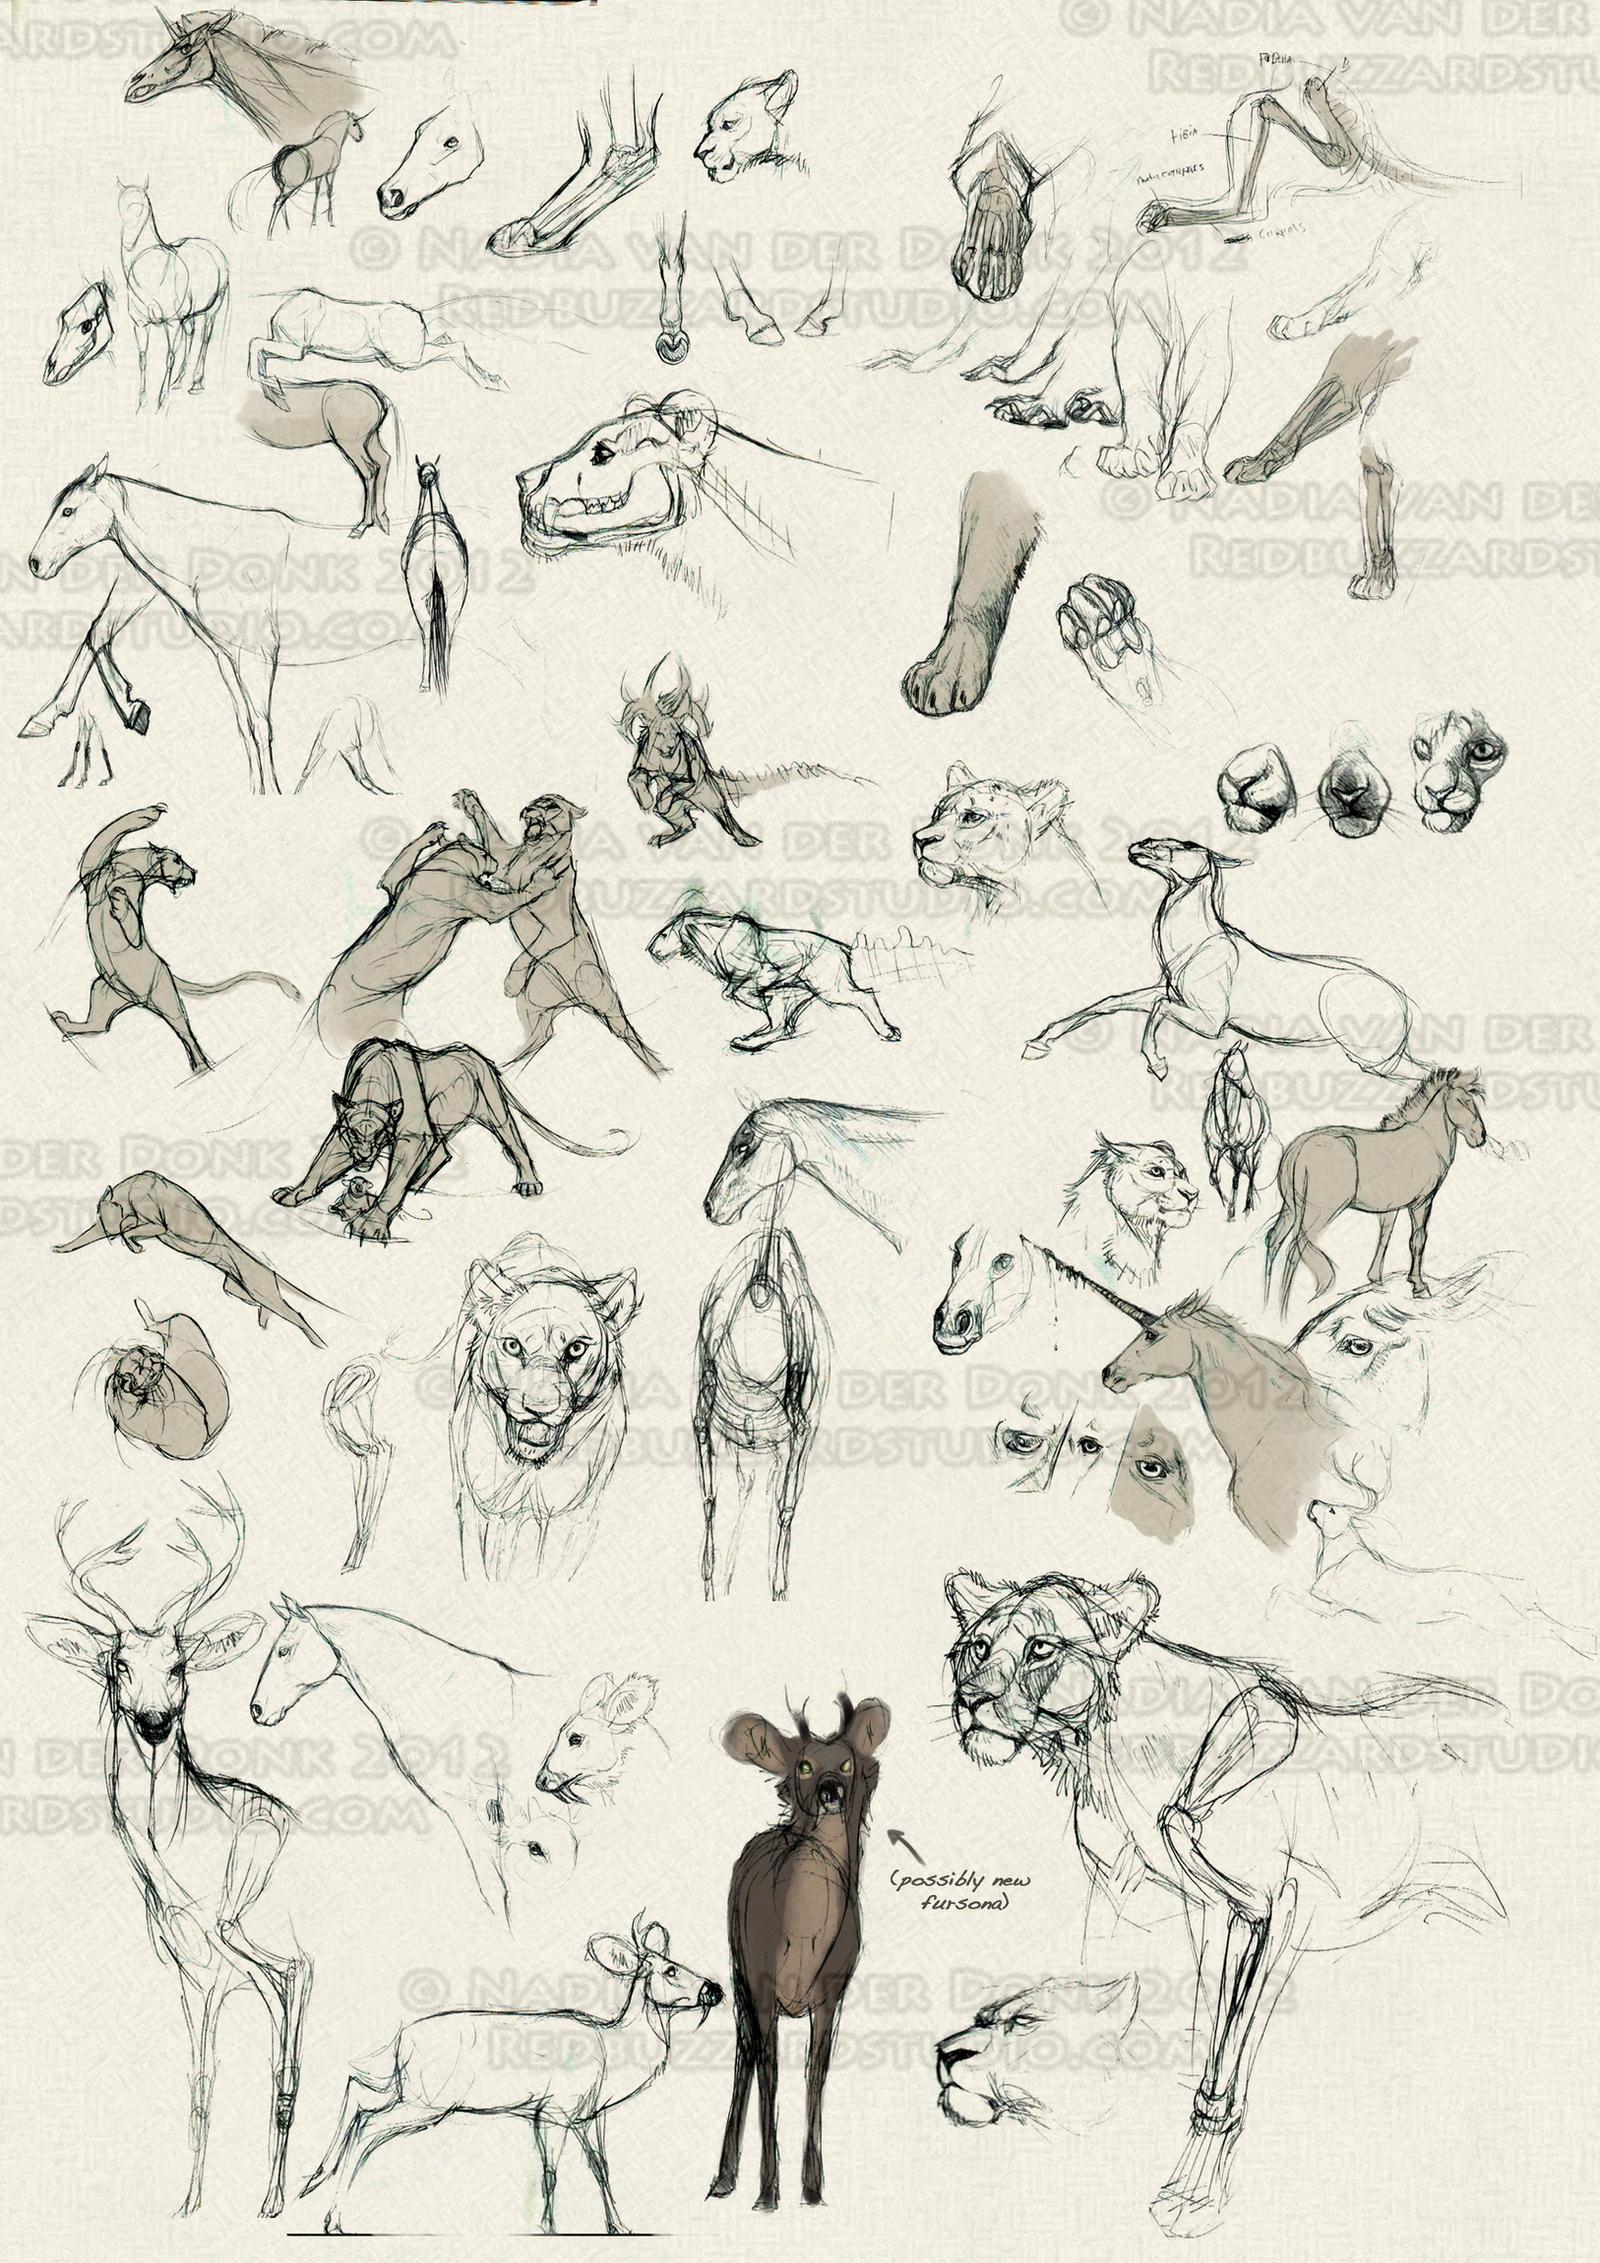 Sketchbook Dump 4 by NadiavanderDonk